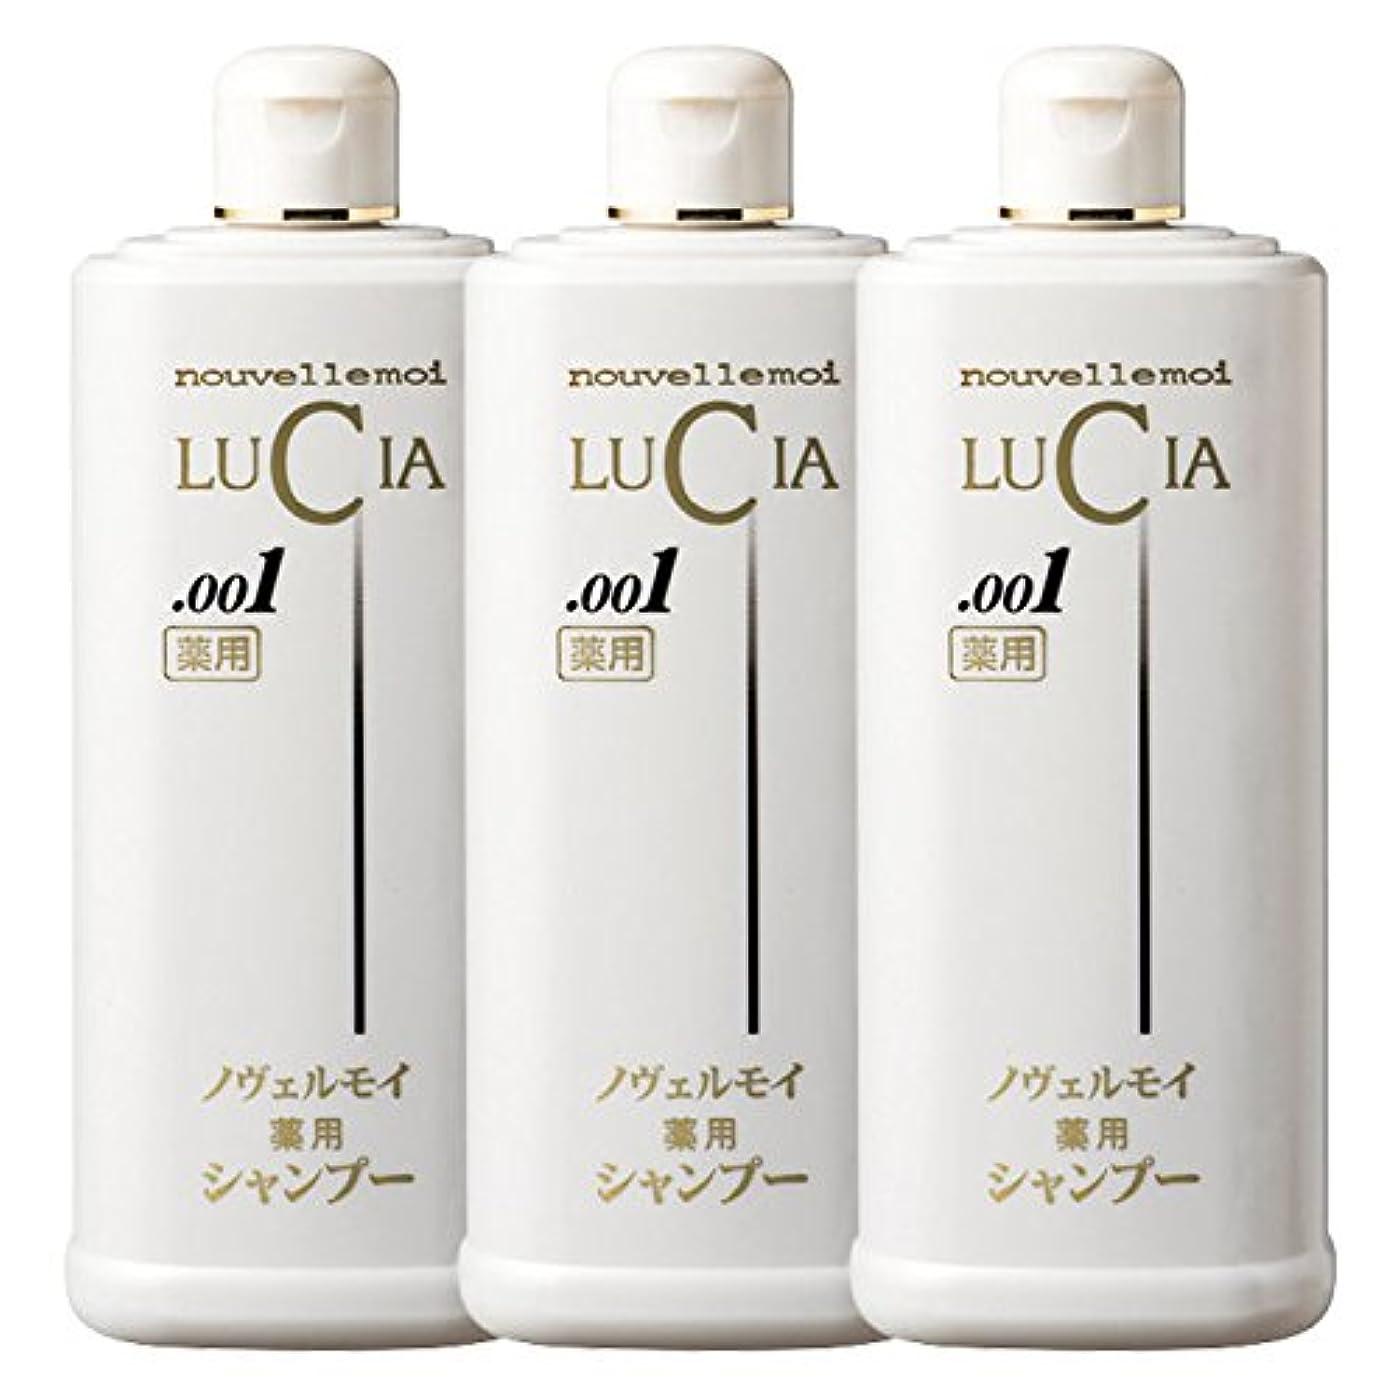 枯れる説明する圧縮するルチア ノヴェルモイ 発毛 育毛シリーズ 薬用ヘアシャンプー3本セット (医薬部外品)男女共用